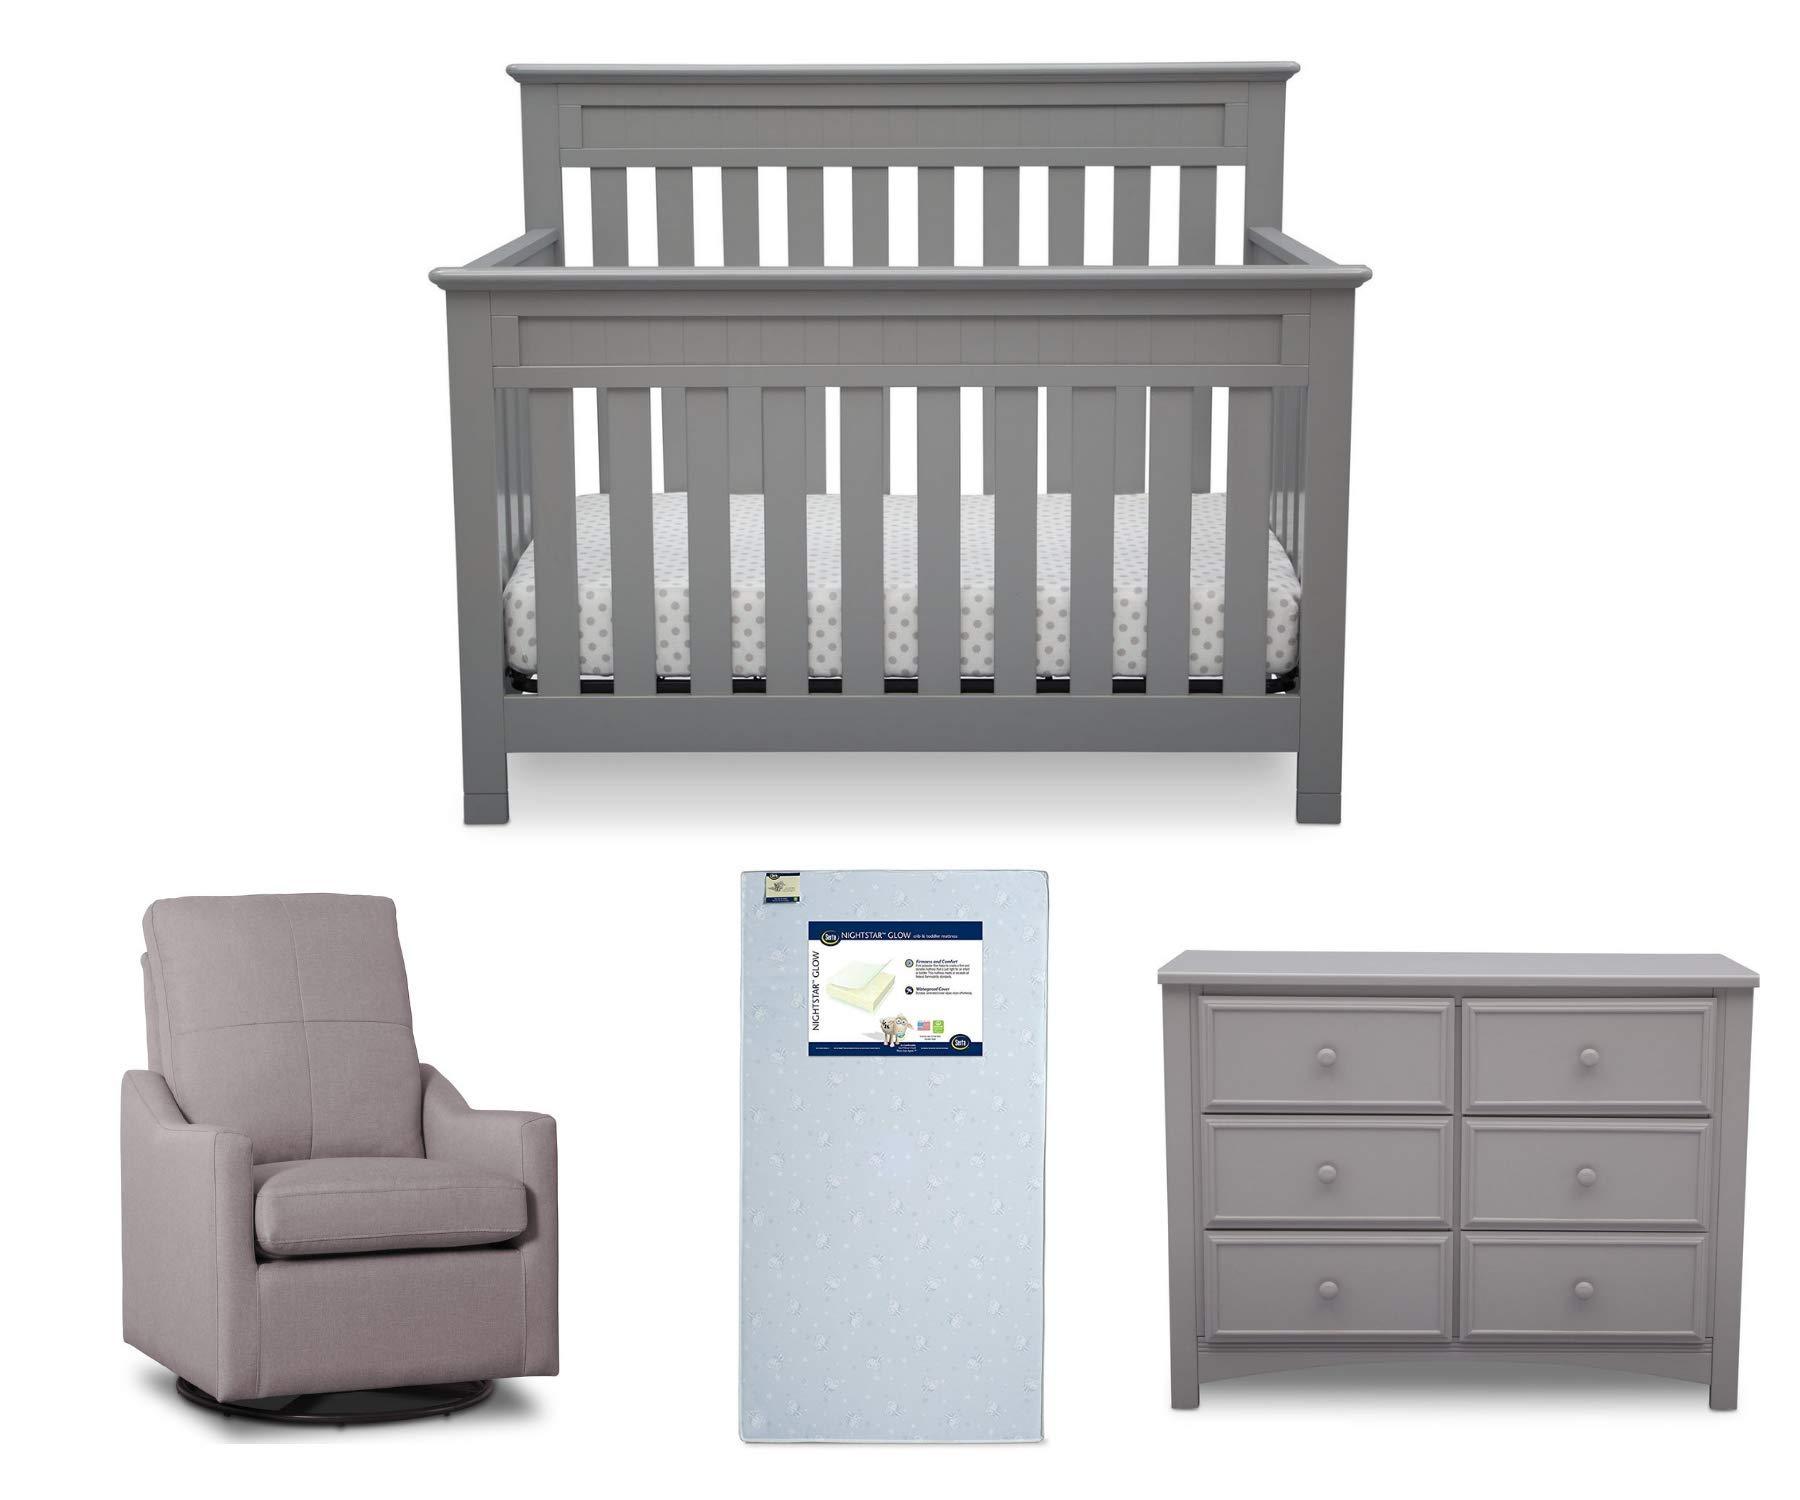 Delta Children Chalet 4-Piece Mix & Match Nursery Furniture Set (Convertible Crib, Dresser, Glider, Crib Mattress), Grey by Delta Children